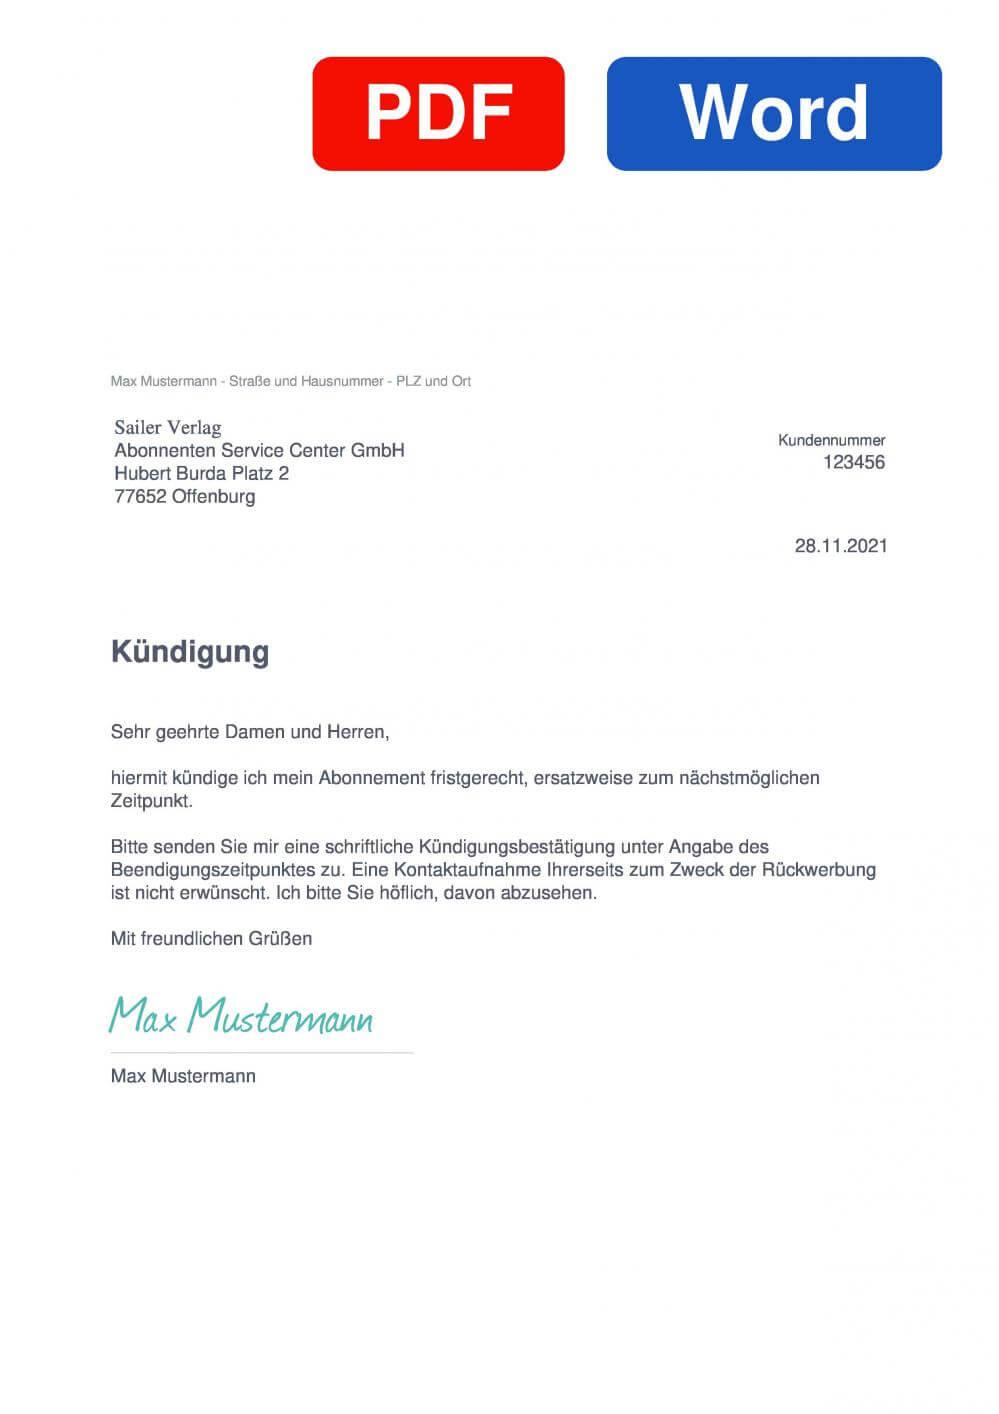 Sailer Verlag Muster Vorlage für Kündigungsschreiben